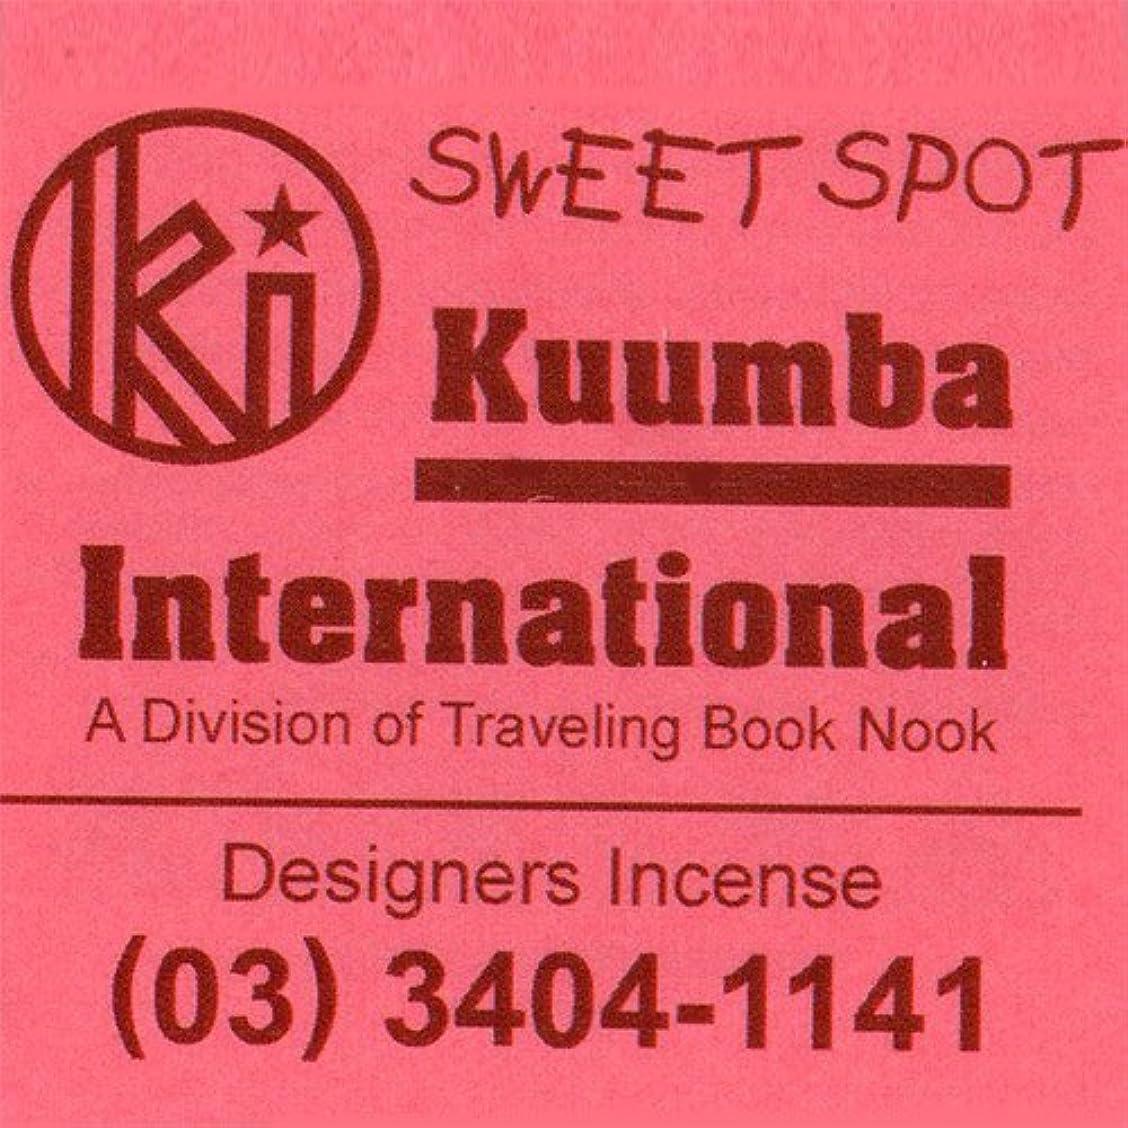 先行する盗賊適応KUUMBA / クンバ『incense』(SWEET SPOT) (Regular size)